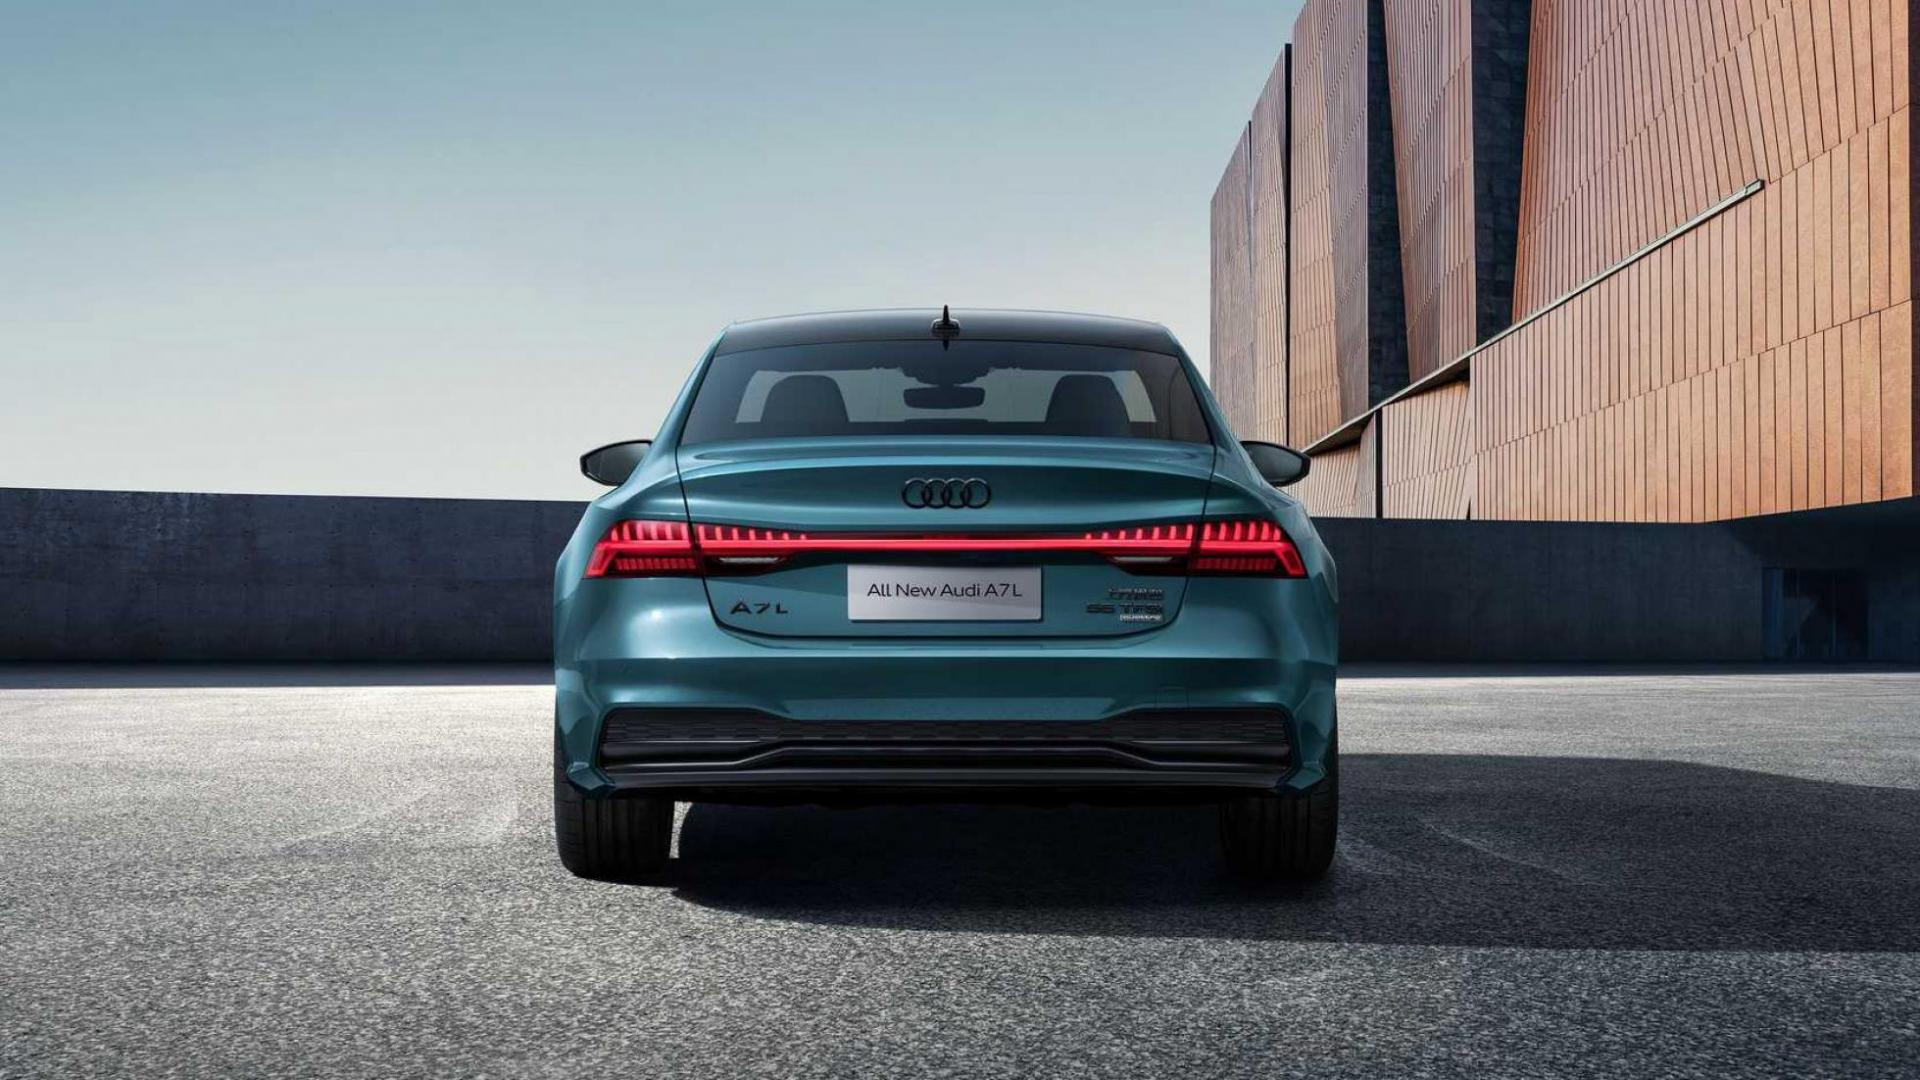 Achterkant Audi A7L